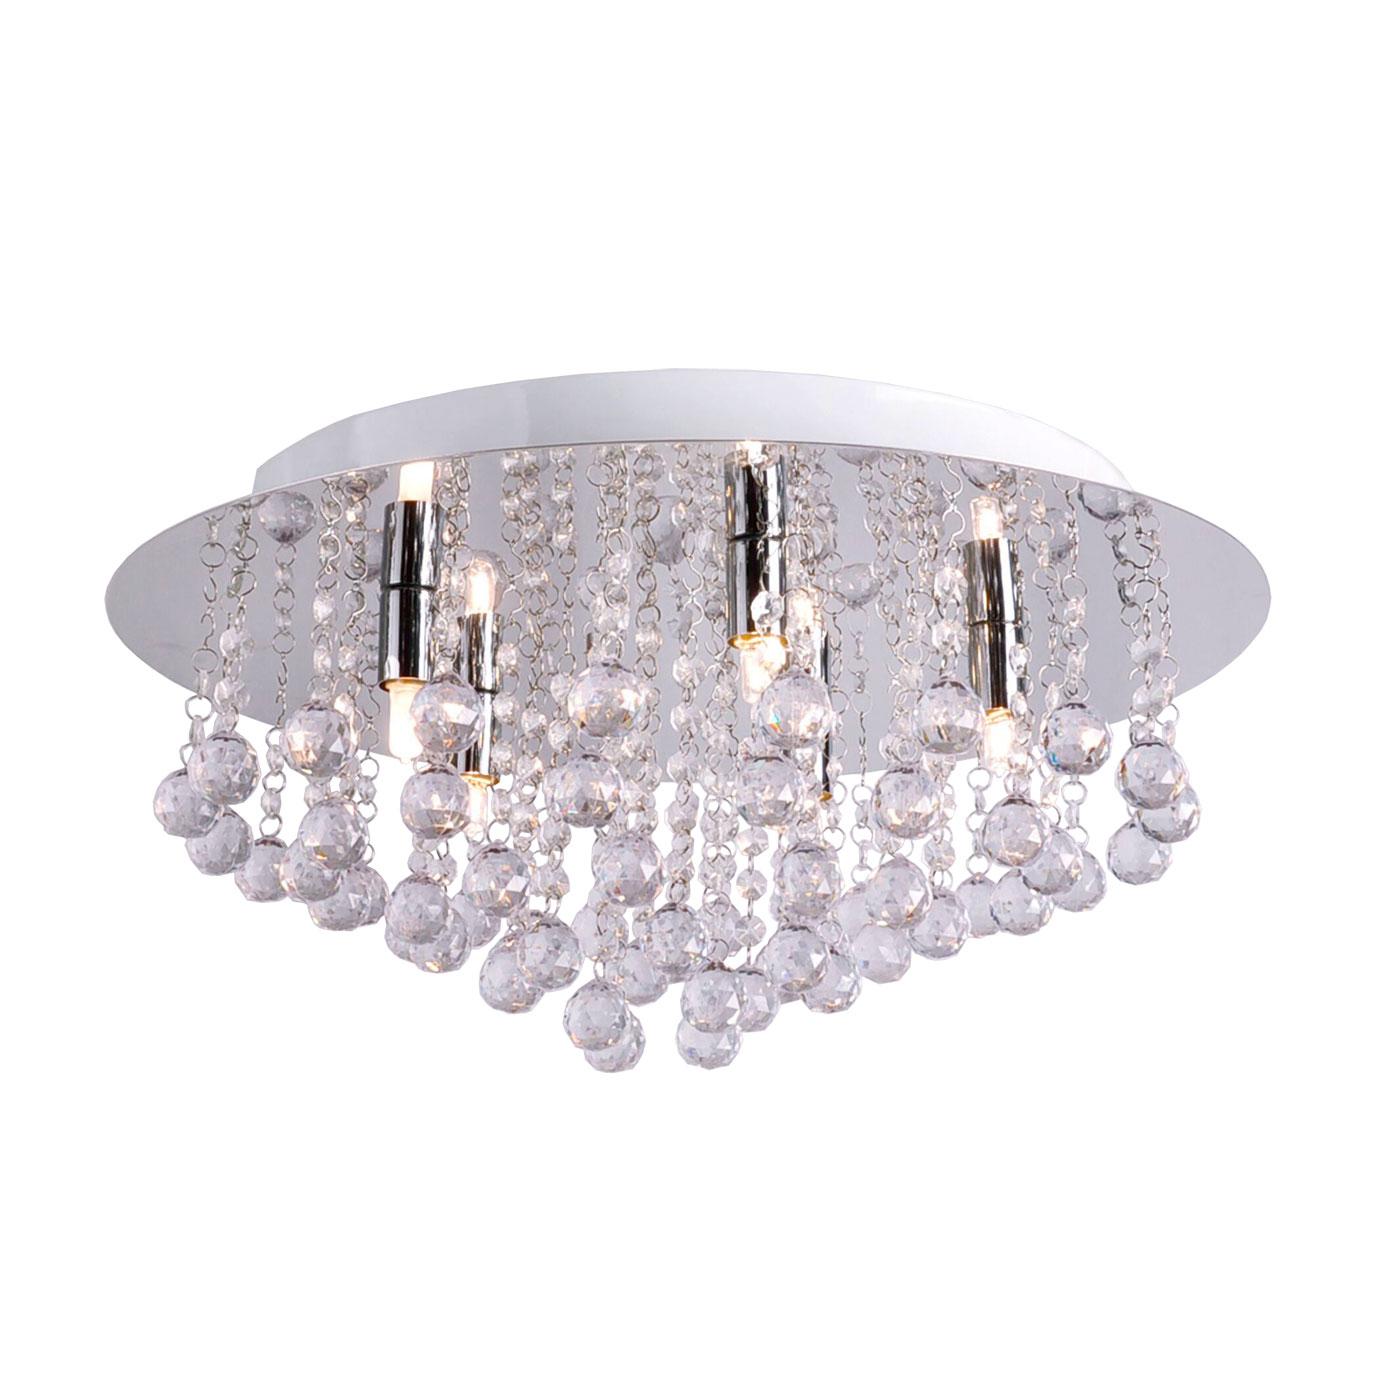 Scan Lamps Madelene 65672 Plafond